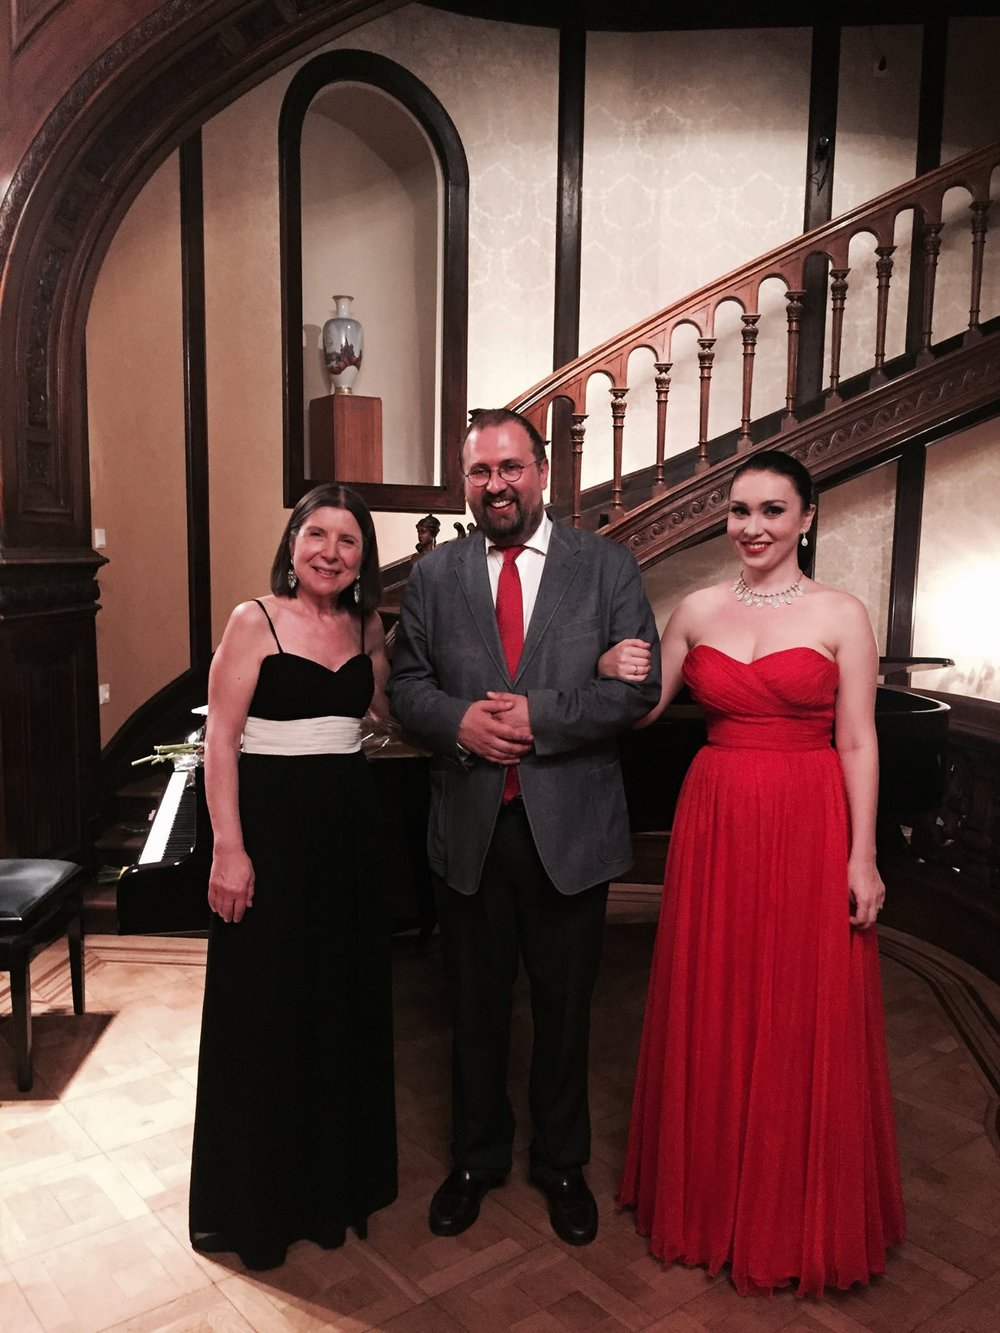 Концерт с Марией Принц,Российский центр науки и культуры, Вена, 29 мая 2017